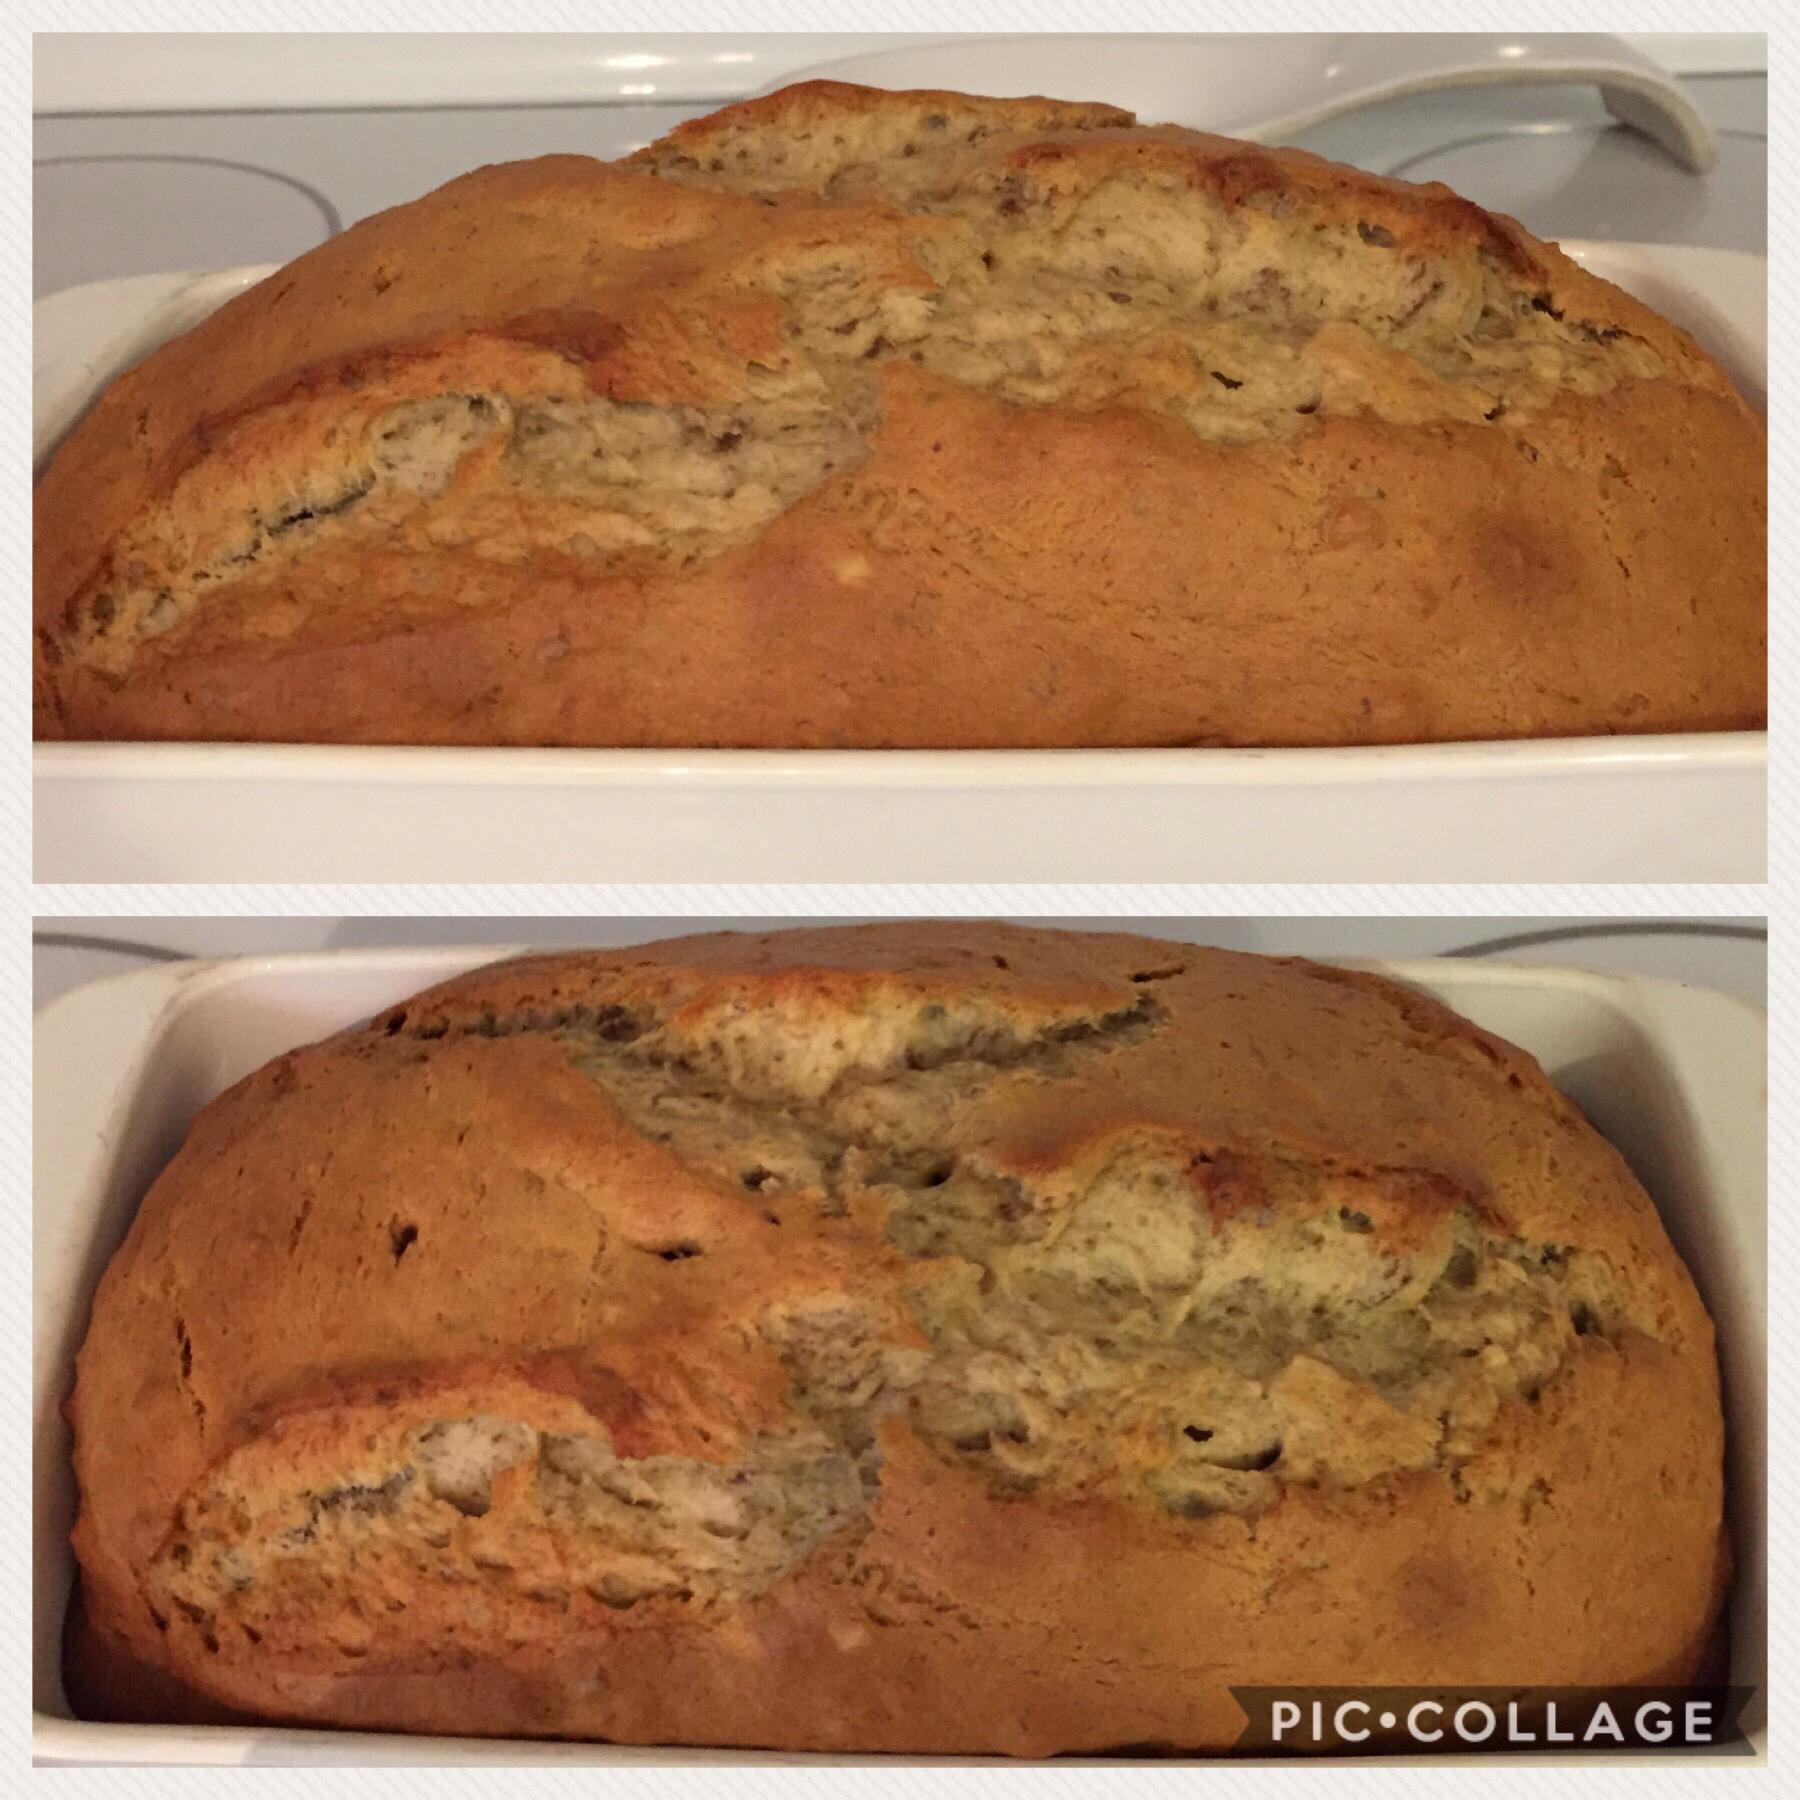 Chef John's Banana Bread